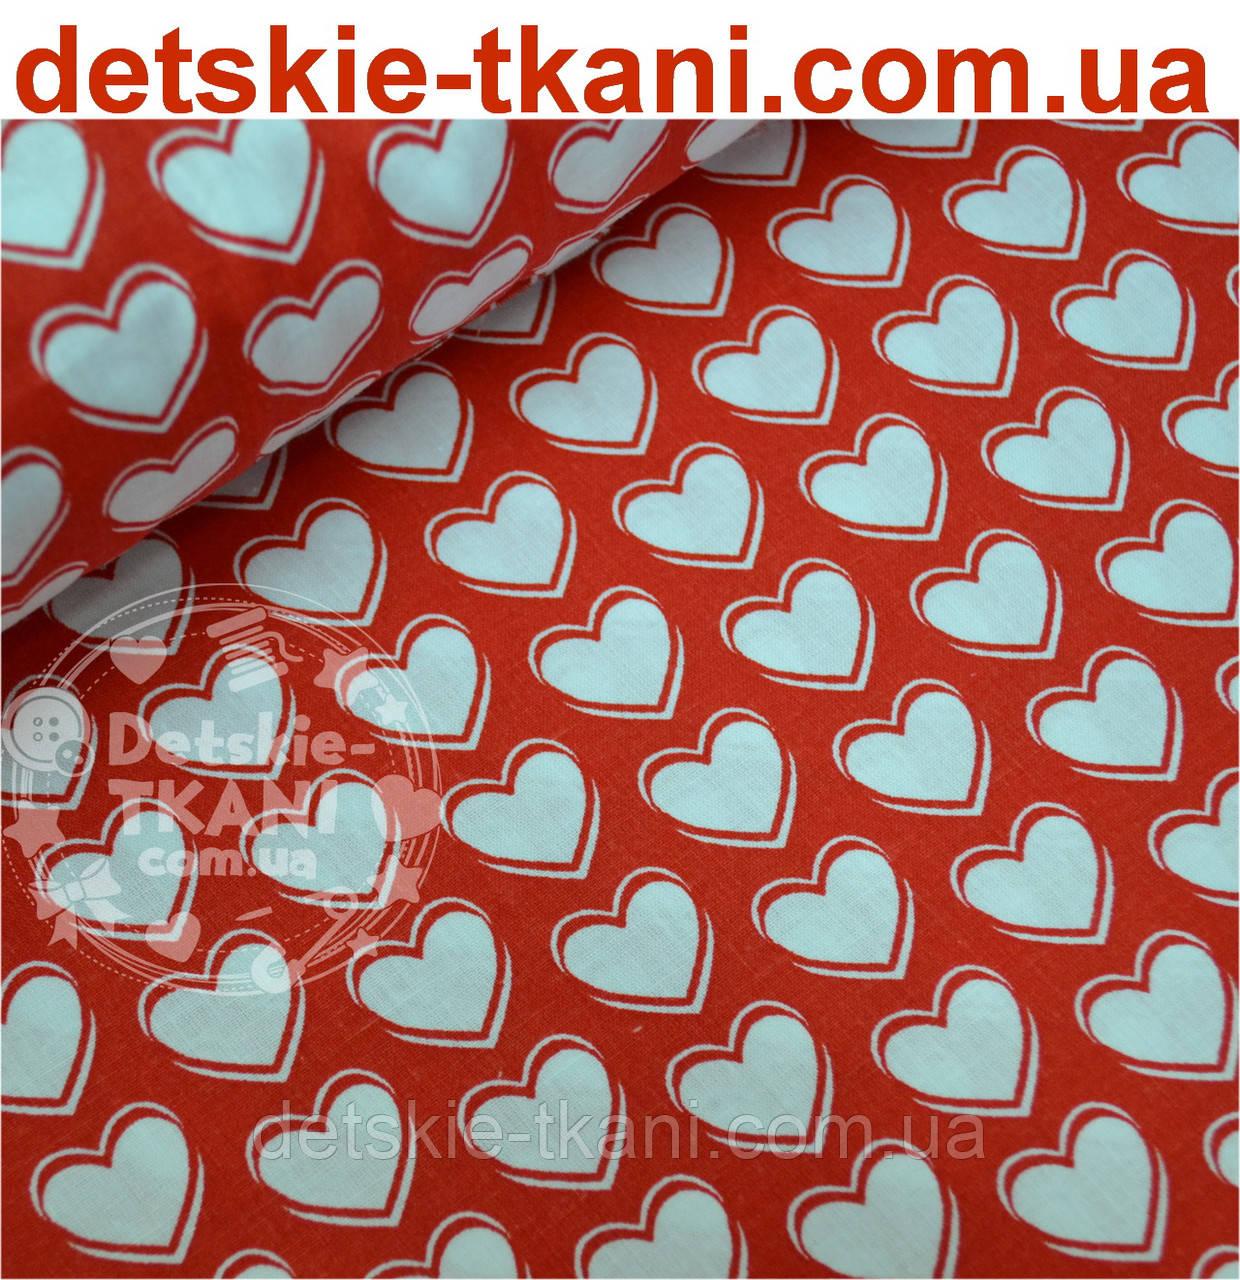 """Хлопковая ткань красного цвета """"Белые сердечки 2 см с контурами"""" № 409а"""